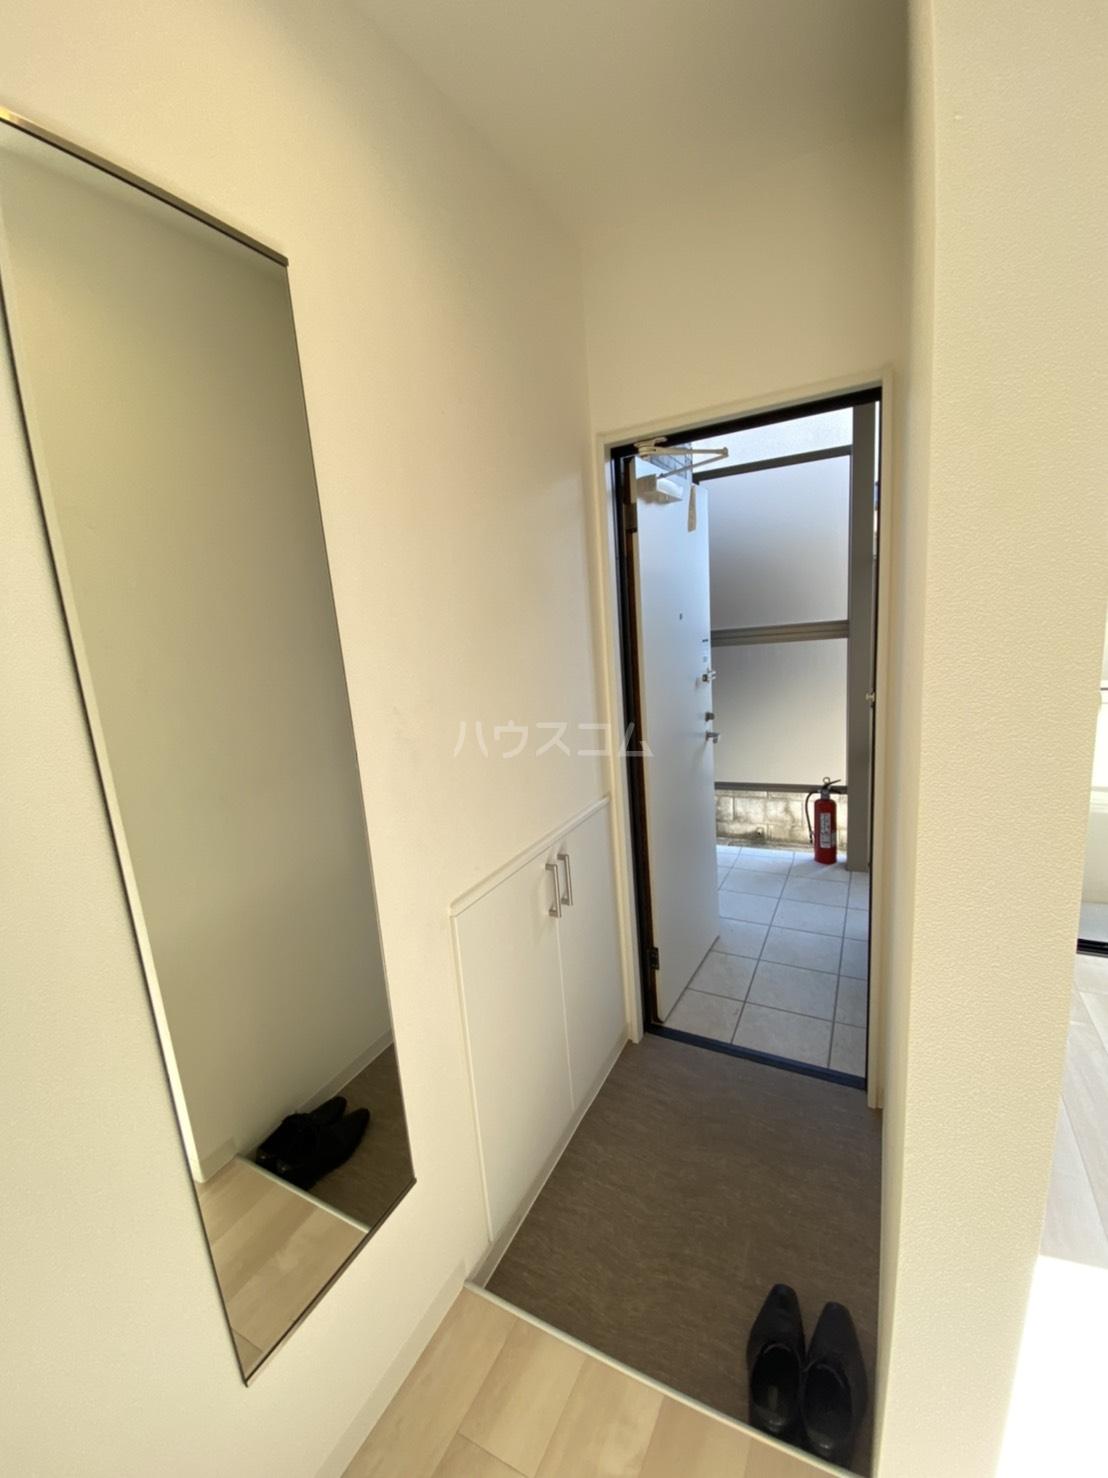 メゾン高槻Ⅱ号館 102号室の玄関